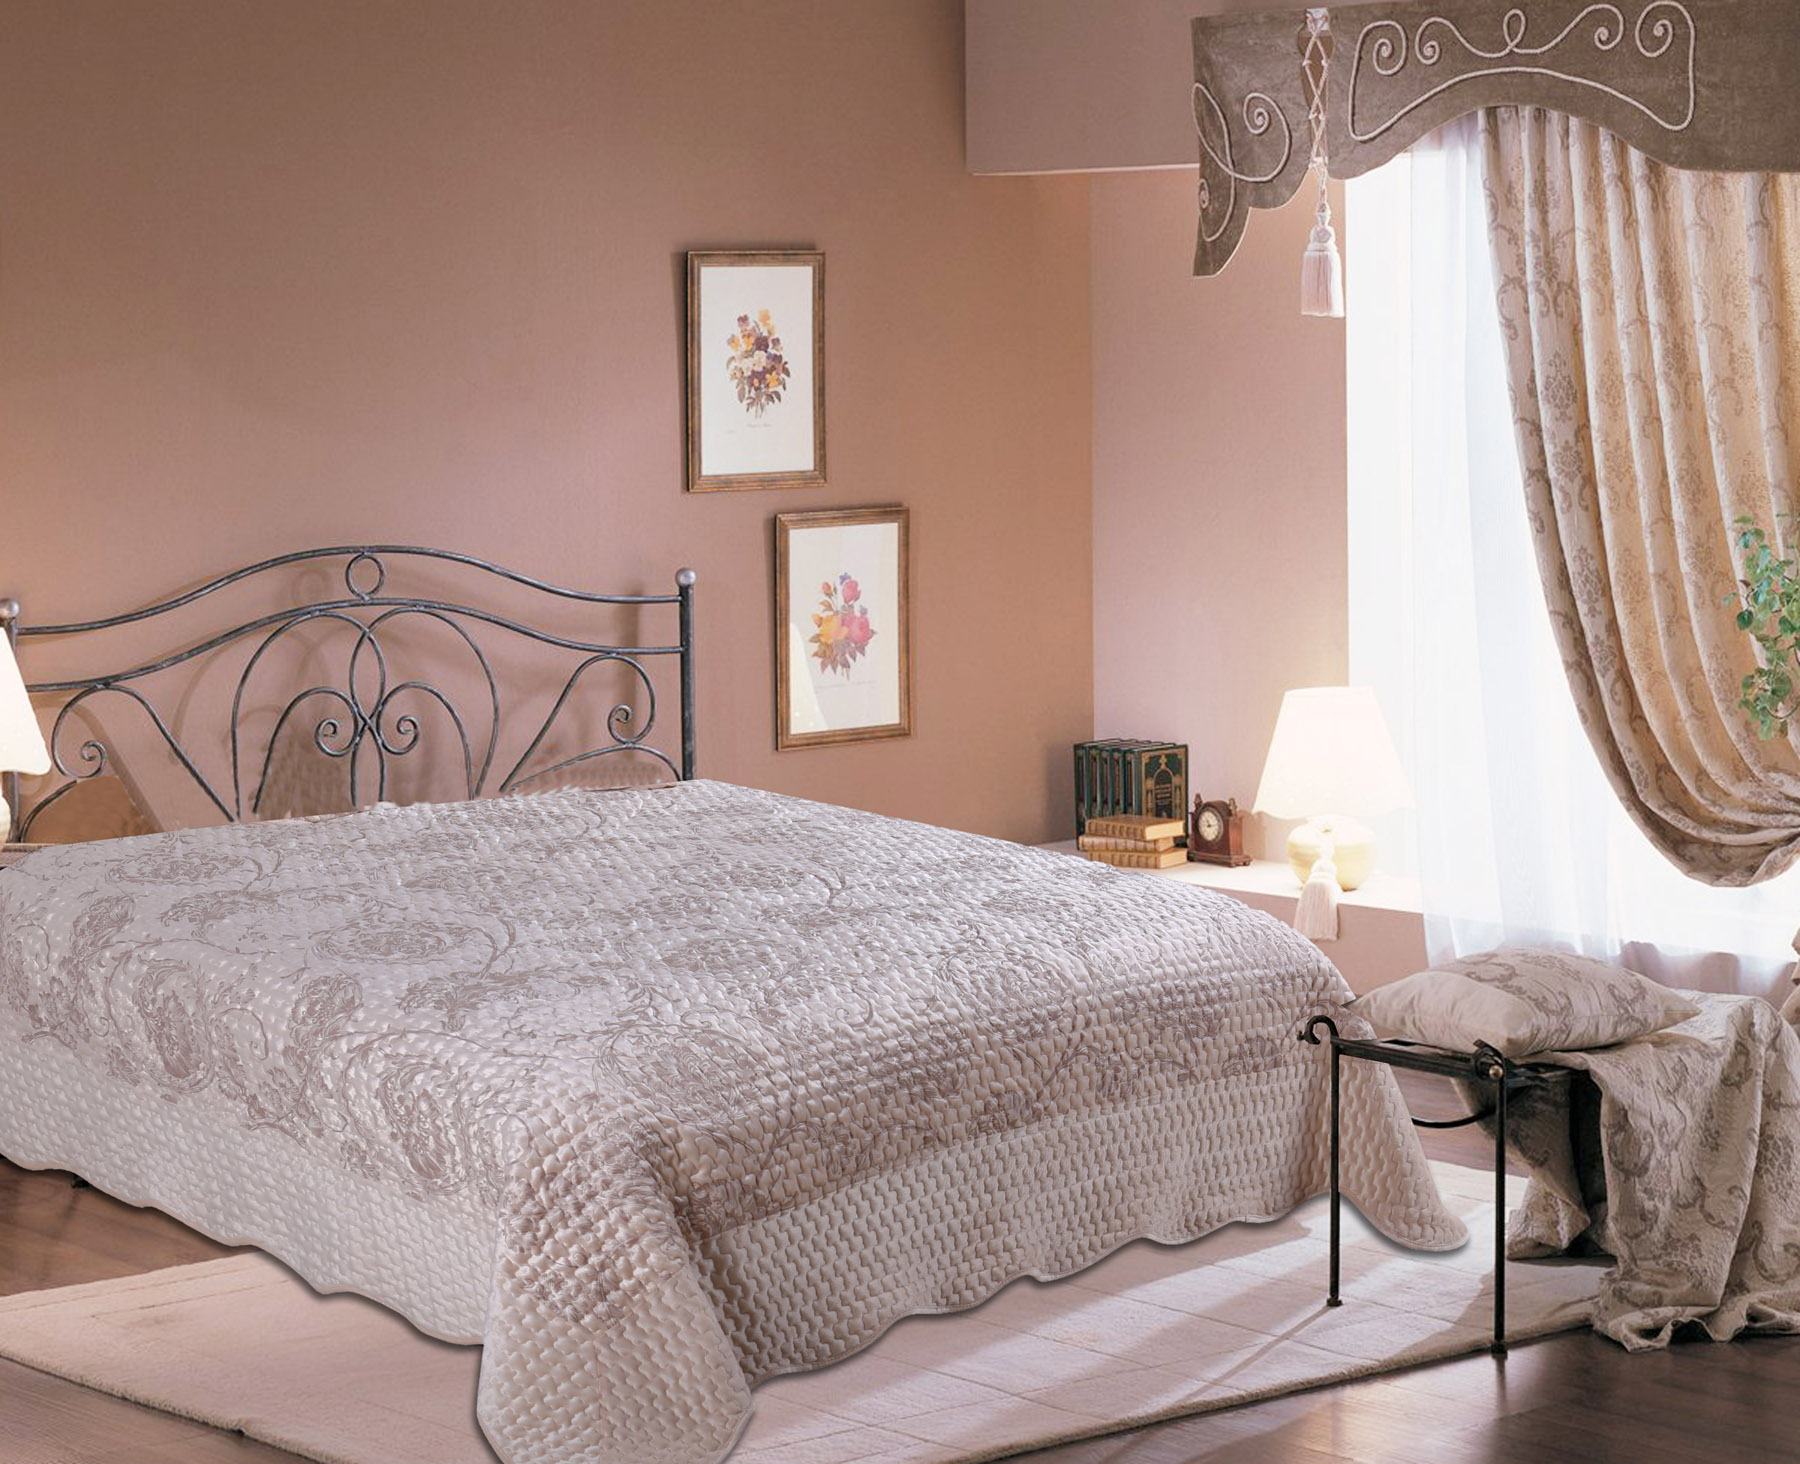 Покрывало Amore Mio Покрывало Vigo (220х240 см) покрывало amore mio decor 220 х 240 см